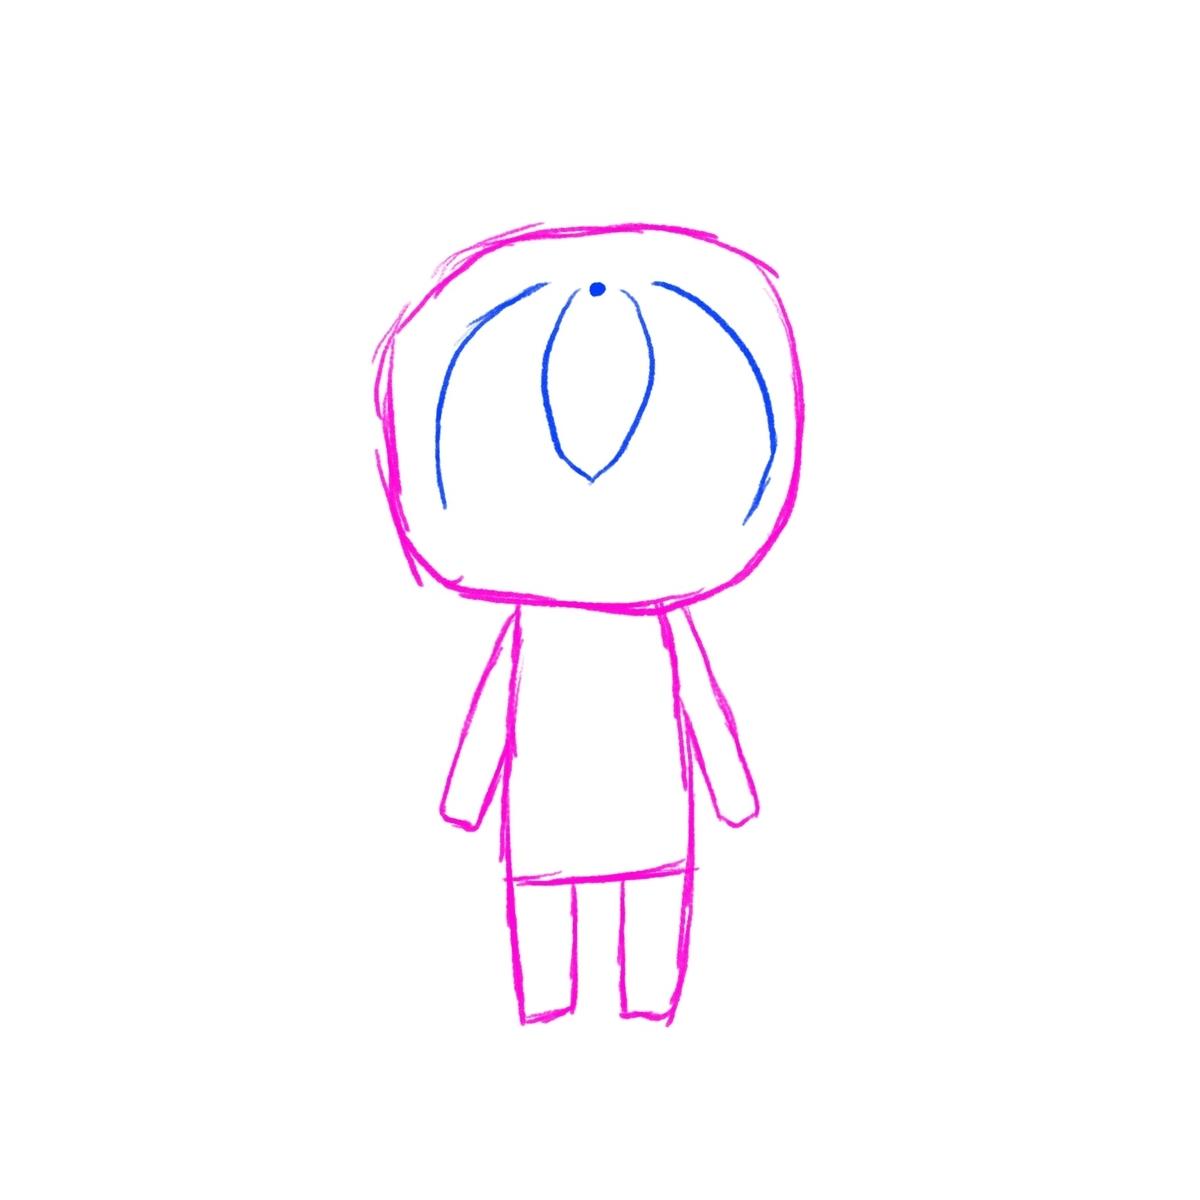 f:id:redberry072169:20190615182921j:plain